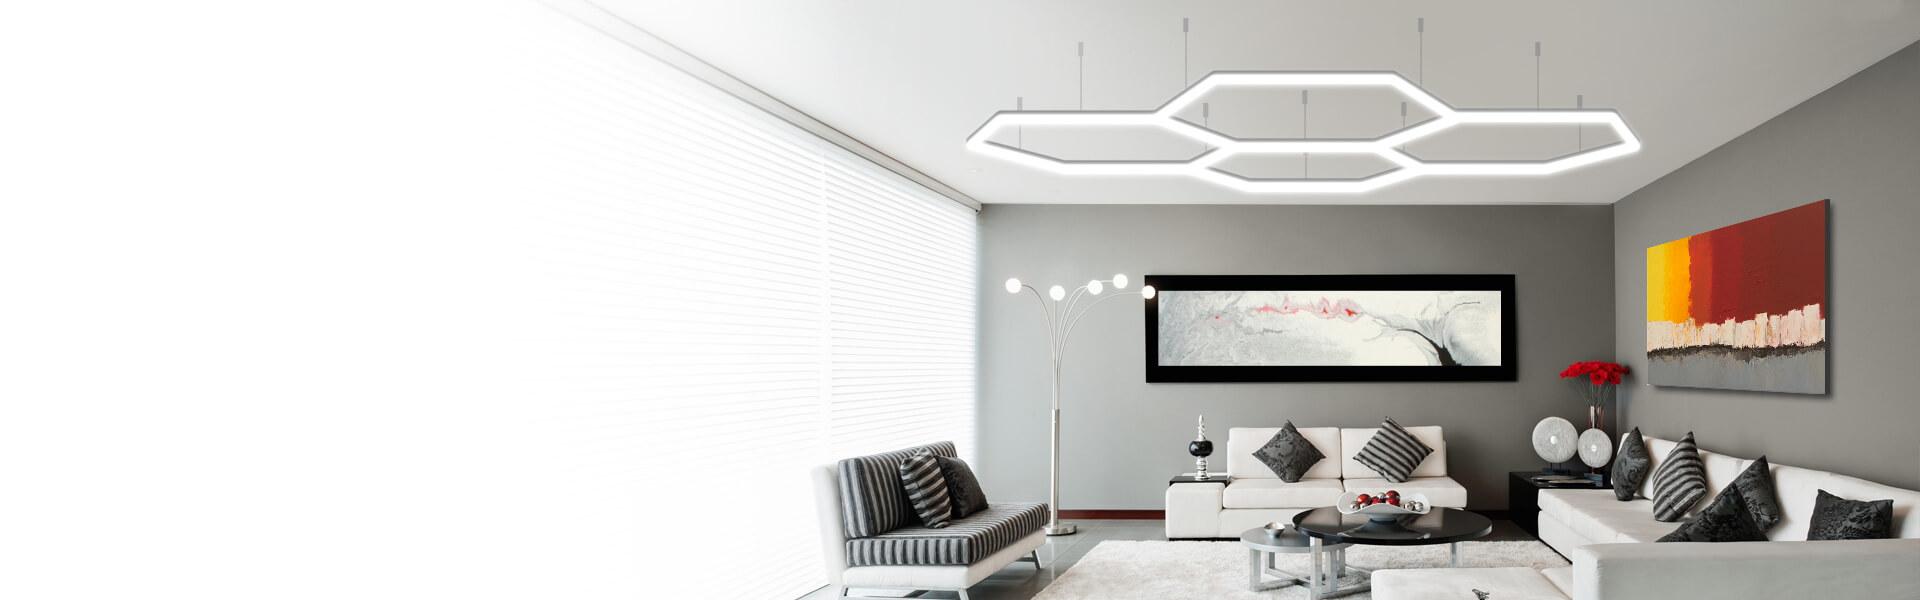 светодиодные светильники venom: современные решения